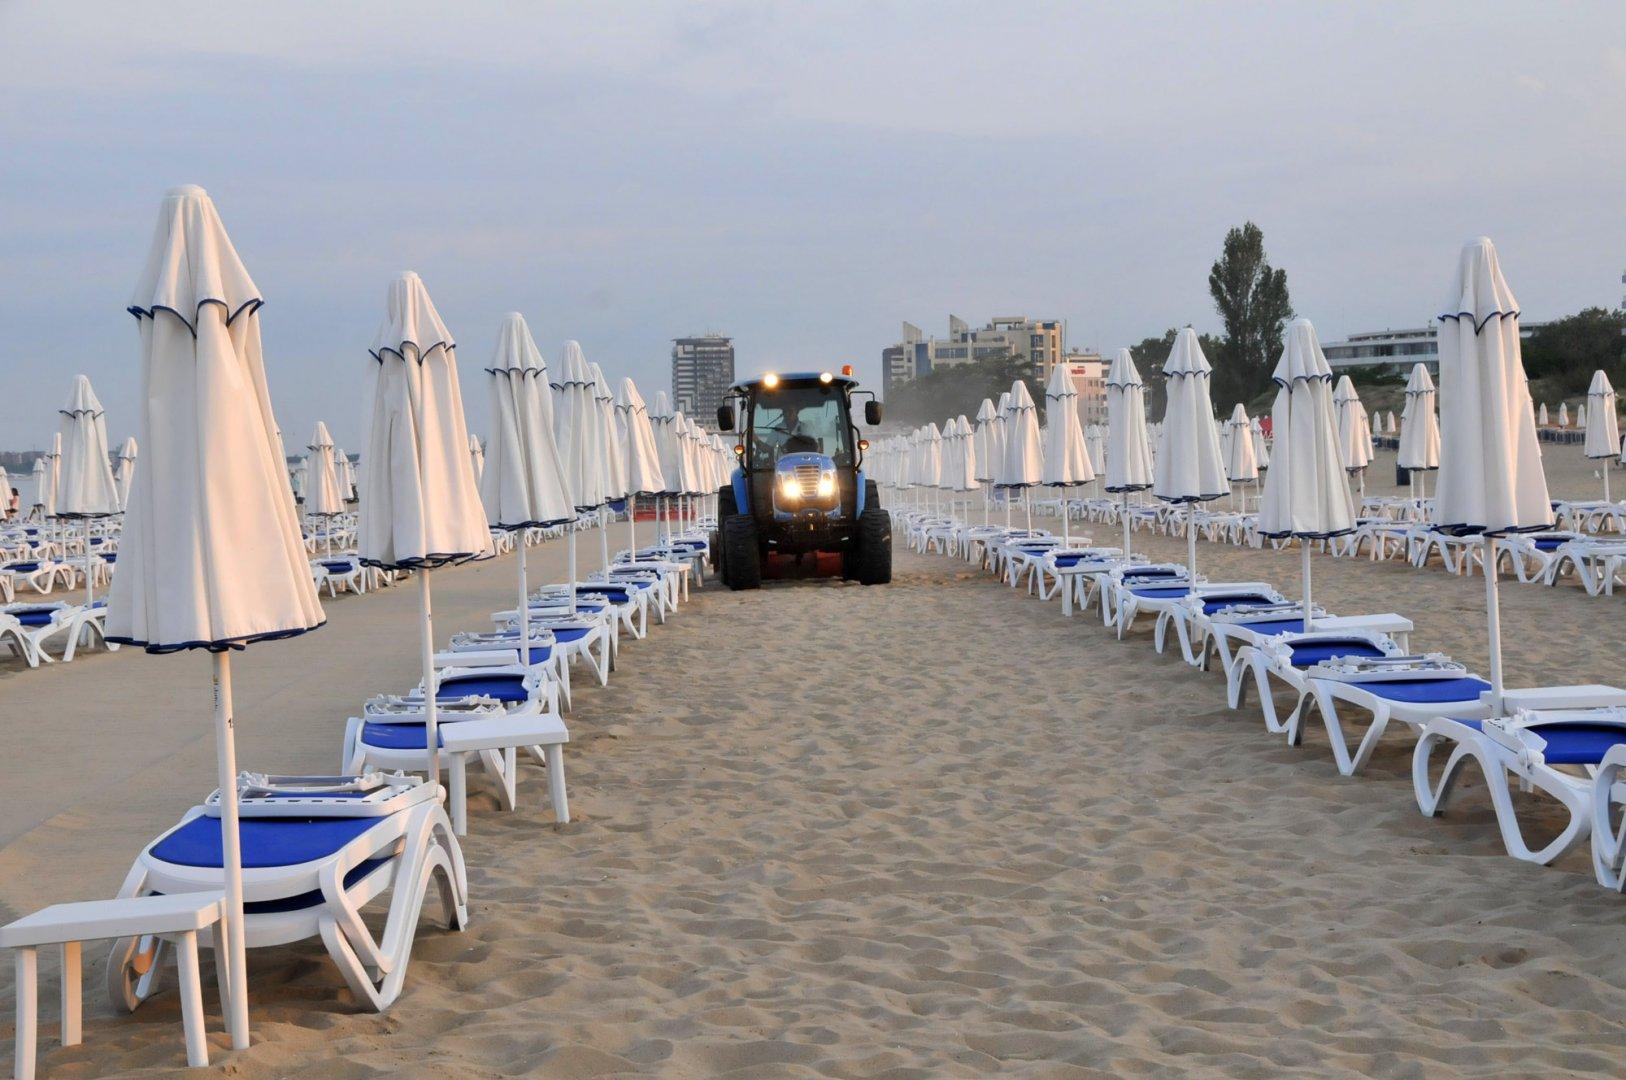 Тази вечер официално закриват сезона на плажа в Слънчев бряг. Снимка Архив Черноморие-бг